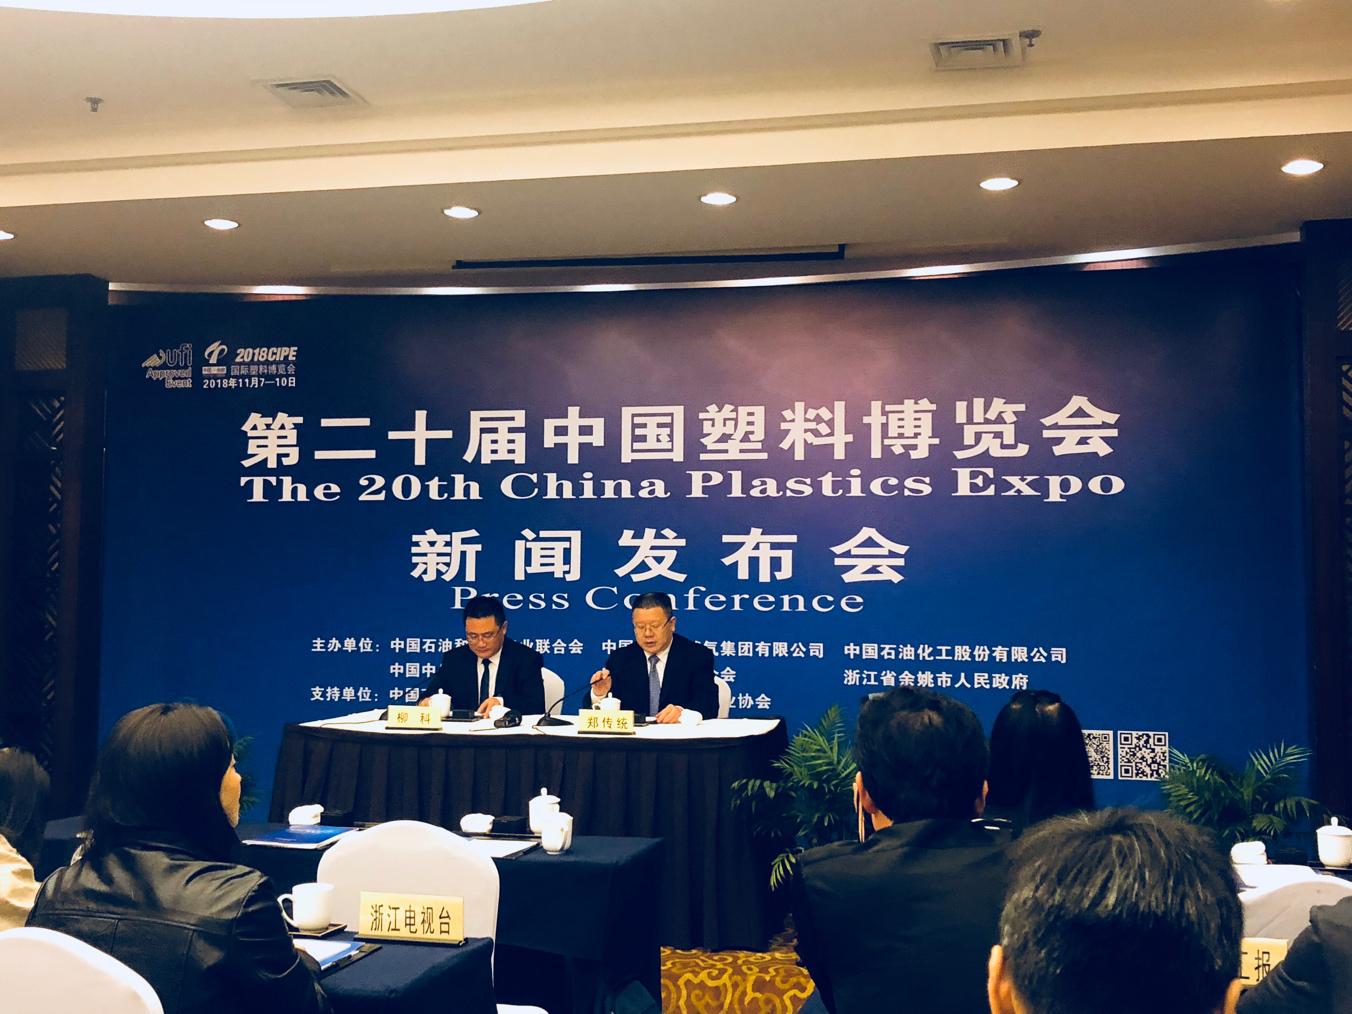 创新、合作、共赢——迈向新时代 第二十届中国塑料博览会新闻发布会在余姚召开